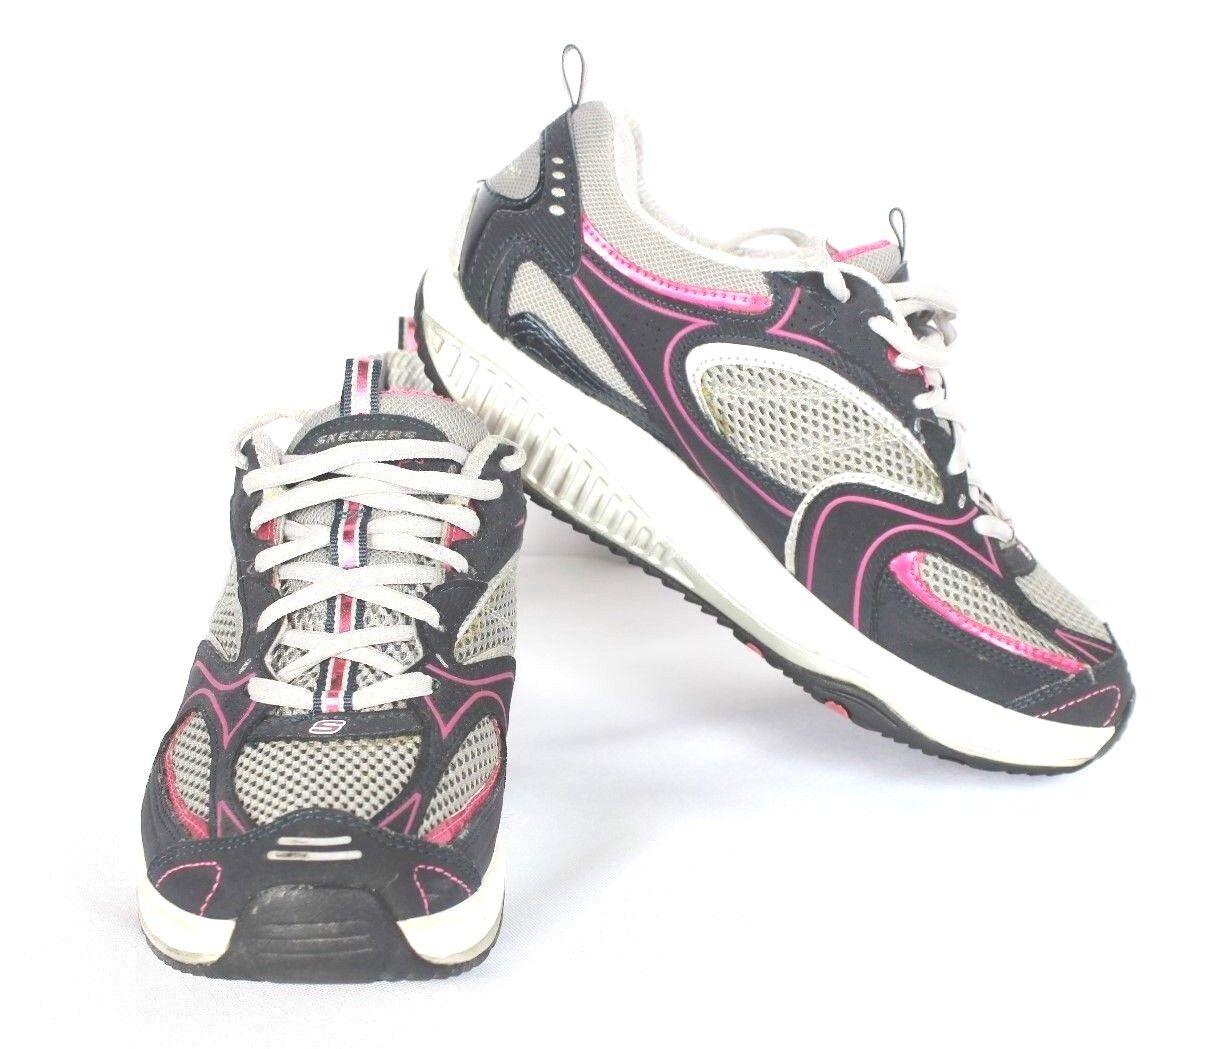 Skechers Ejercicio de Mujer 7.5 Zapatos para Caminar Ejercicio Skechers Shape Ups Tonificación Gris Rosa Cuero cb4770